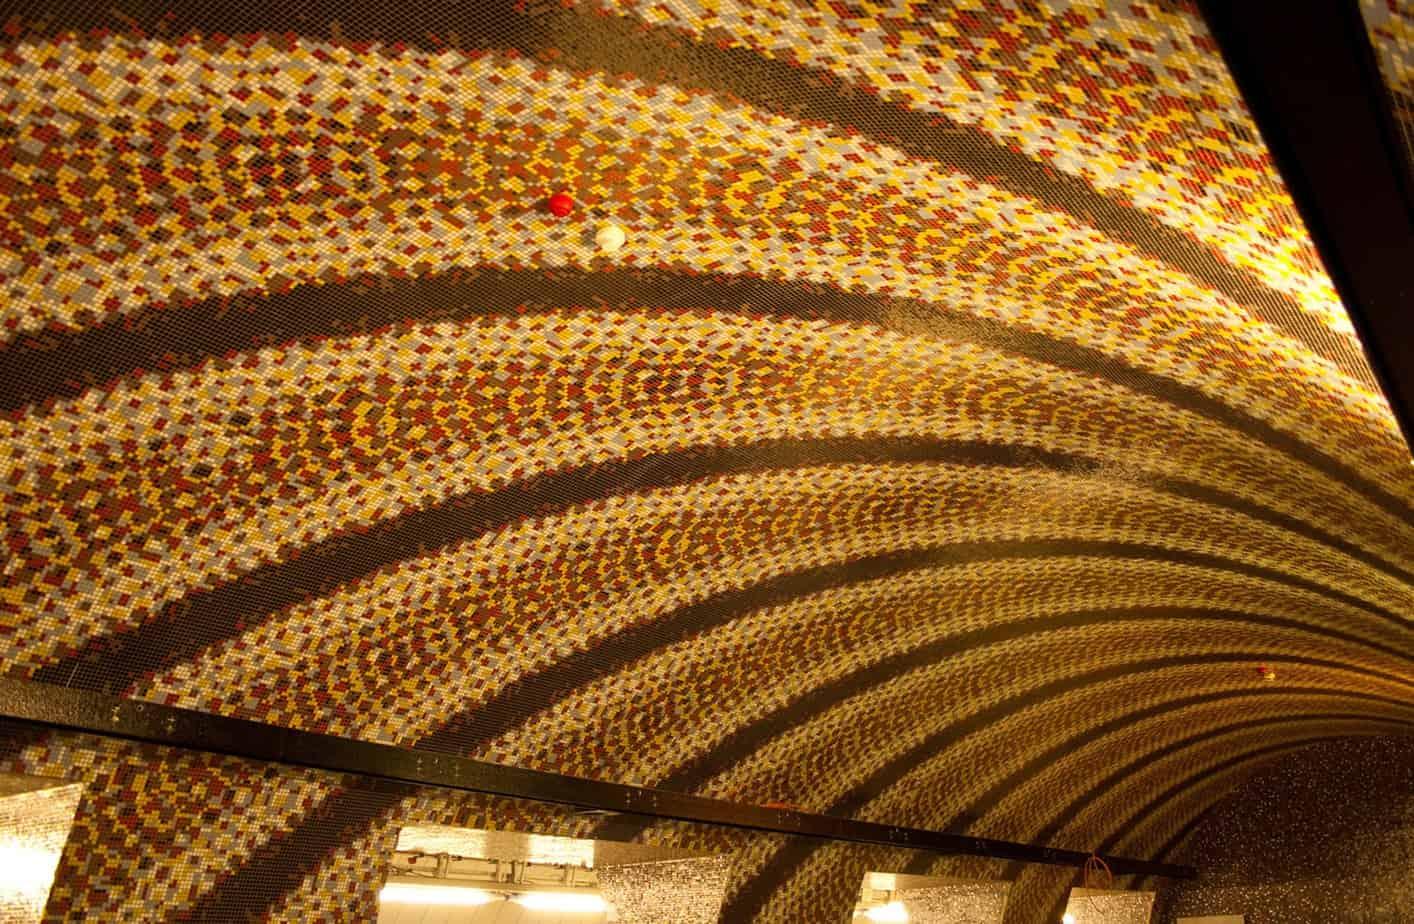 L'Assistenza Tecnica Mapei ha collaborato con le Imprese che hanno seguito la realizzazione strutturale dell'opera e la posa delle piastrelle, dei mosaici e dei rivestimenti in resina all'interno delle diverse stazioni